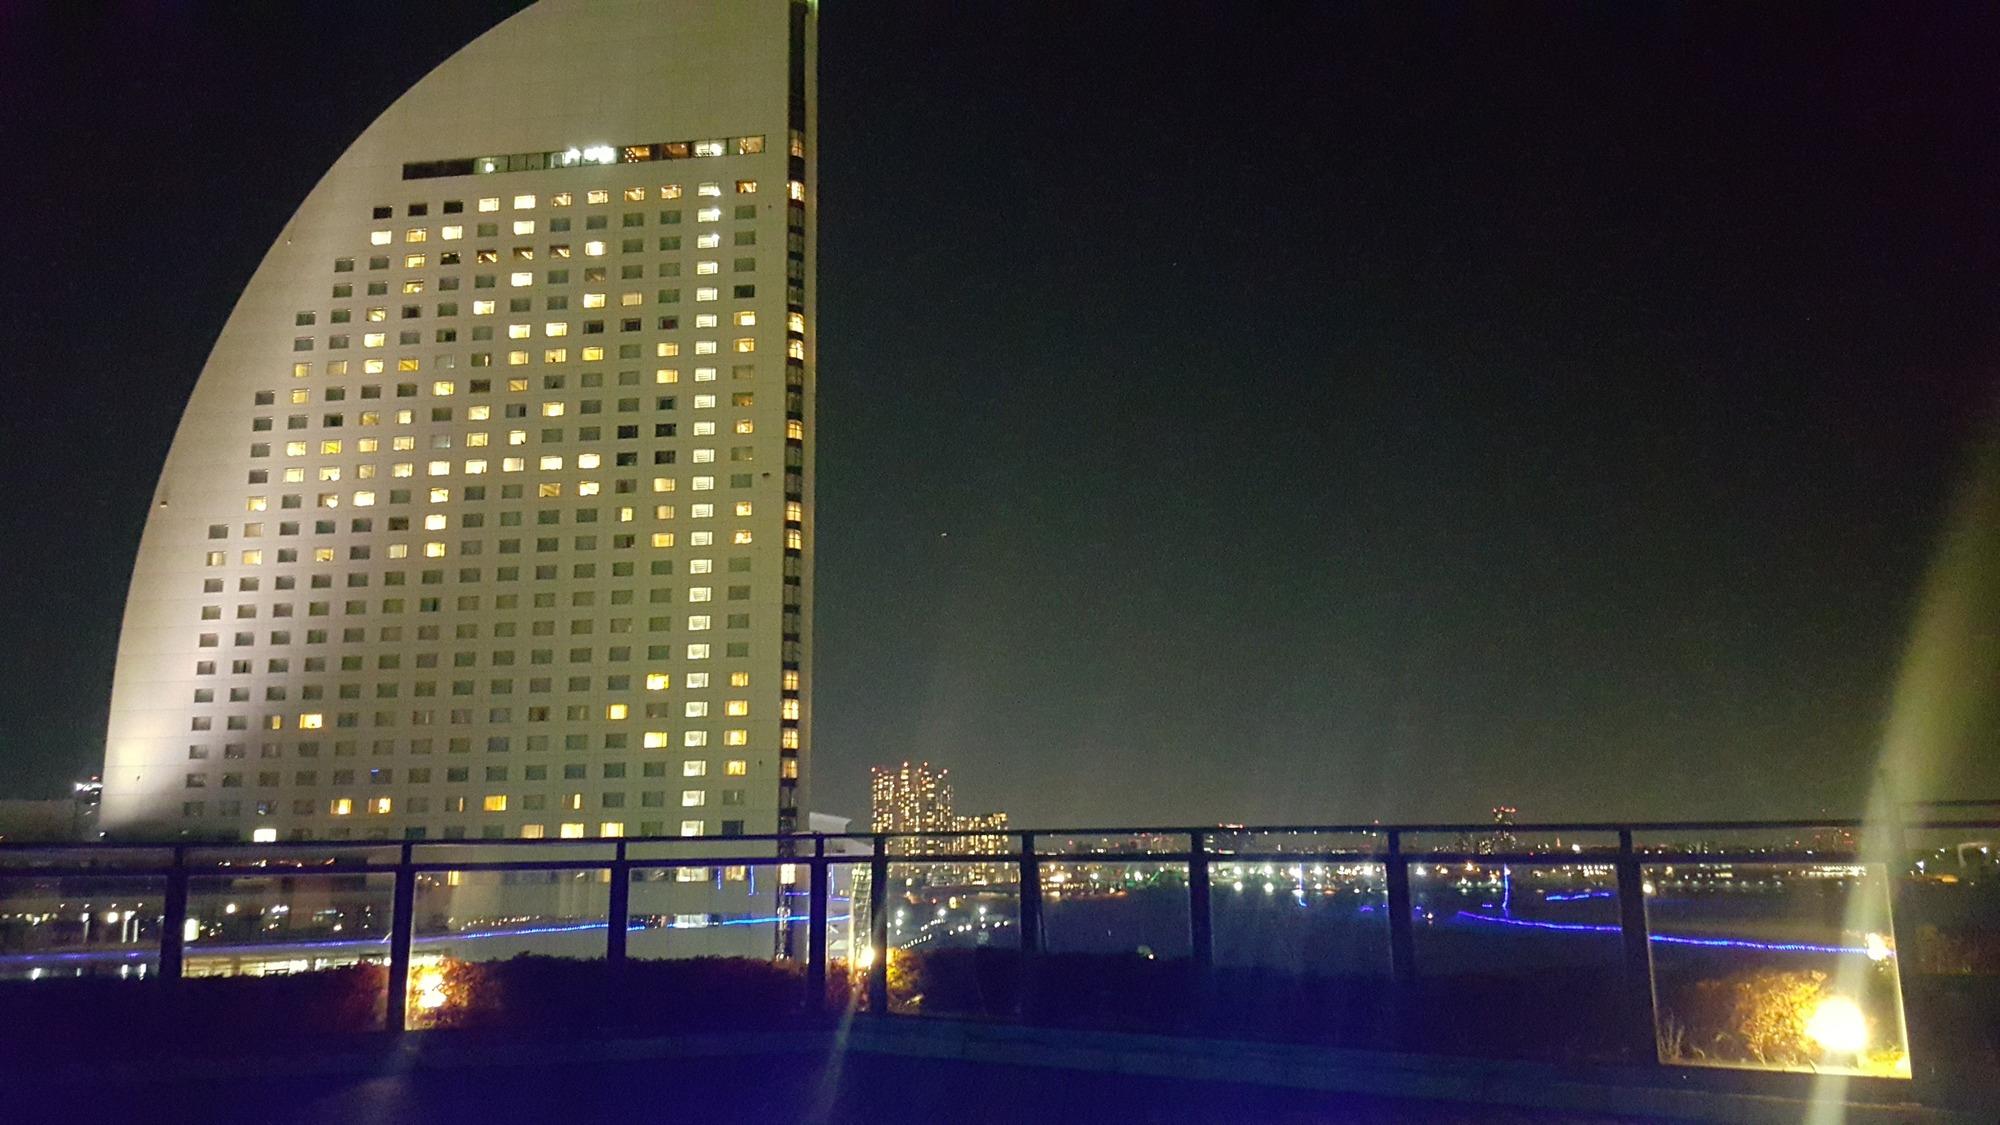 万葉倶楽部の足湯から見たヨコハマ グランド インターコンチネンタル ホテル